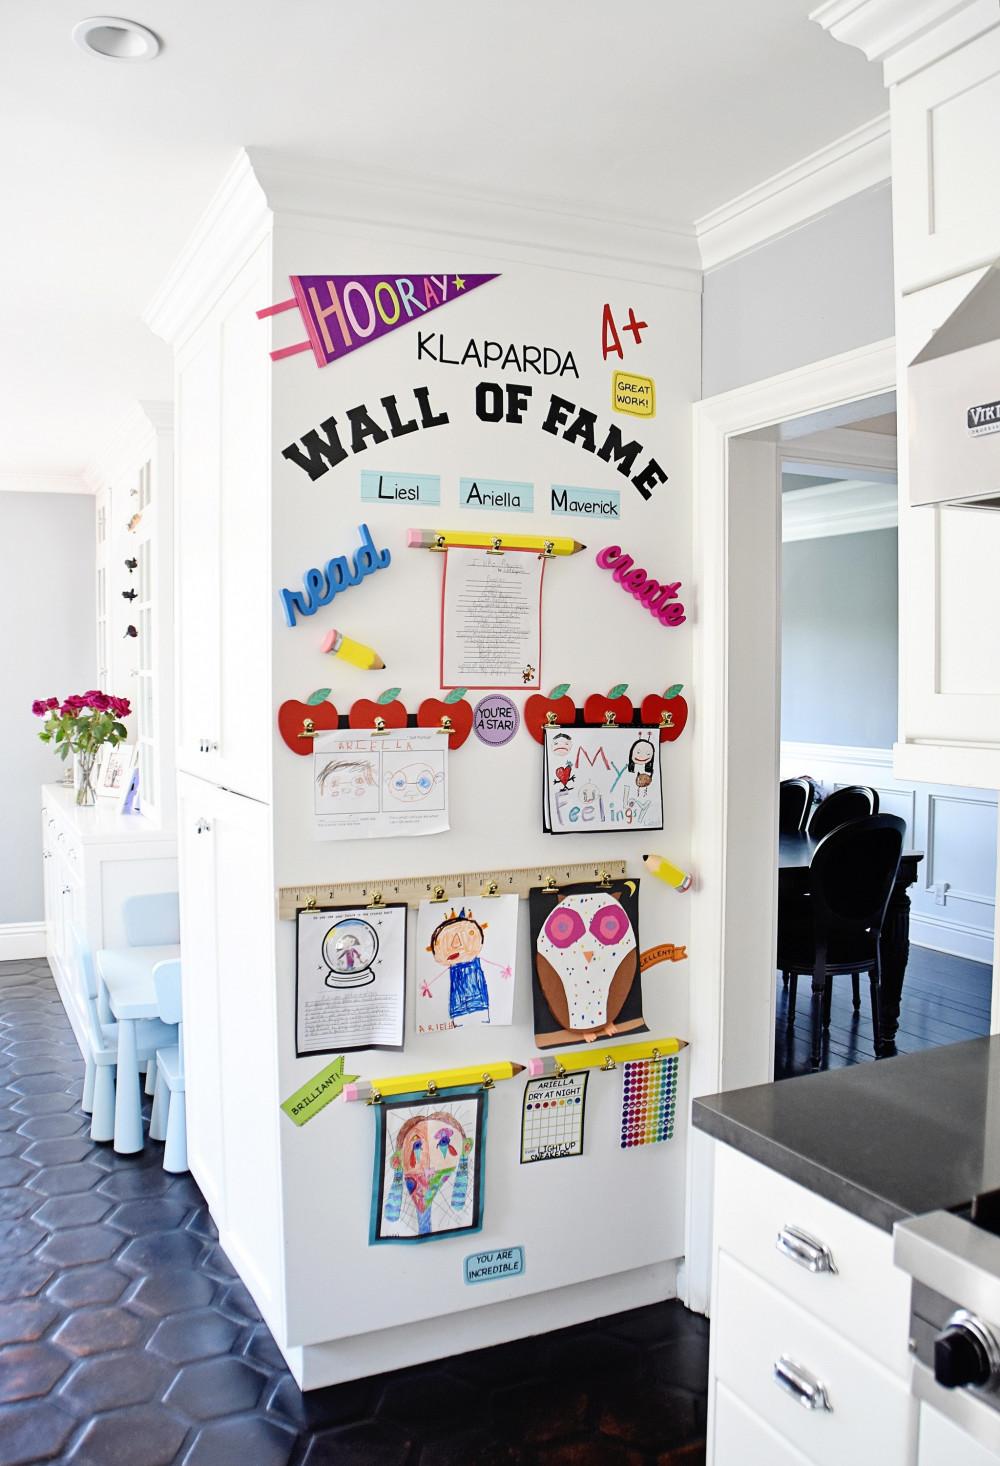 Bức tường danh vọng là một cách tuyệt vời để khiến bé cảm thấy tự hào về những gì chúng đã tạo ra